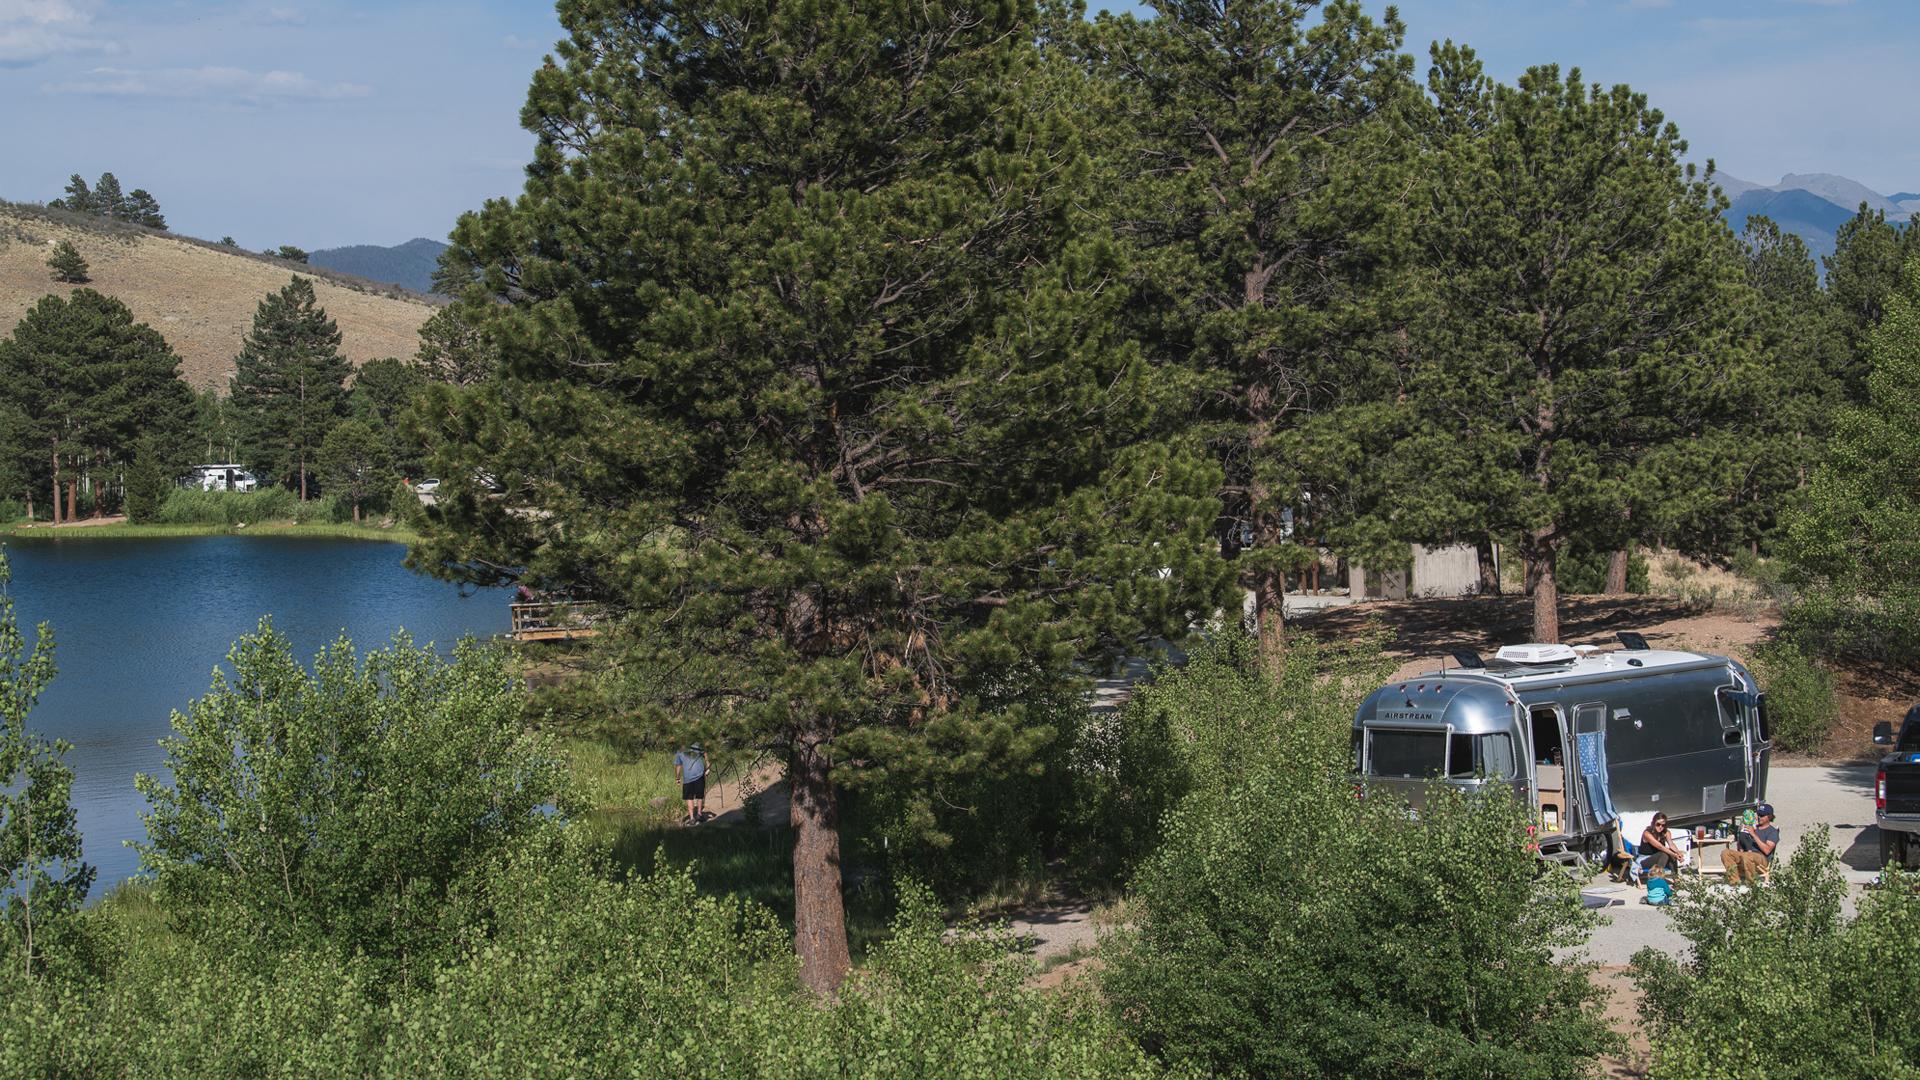 Airstream at a campsite